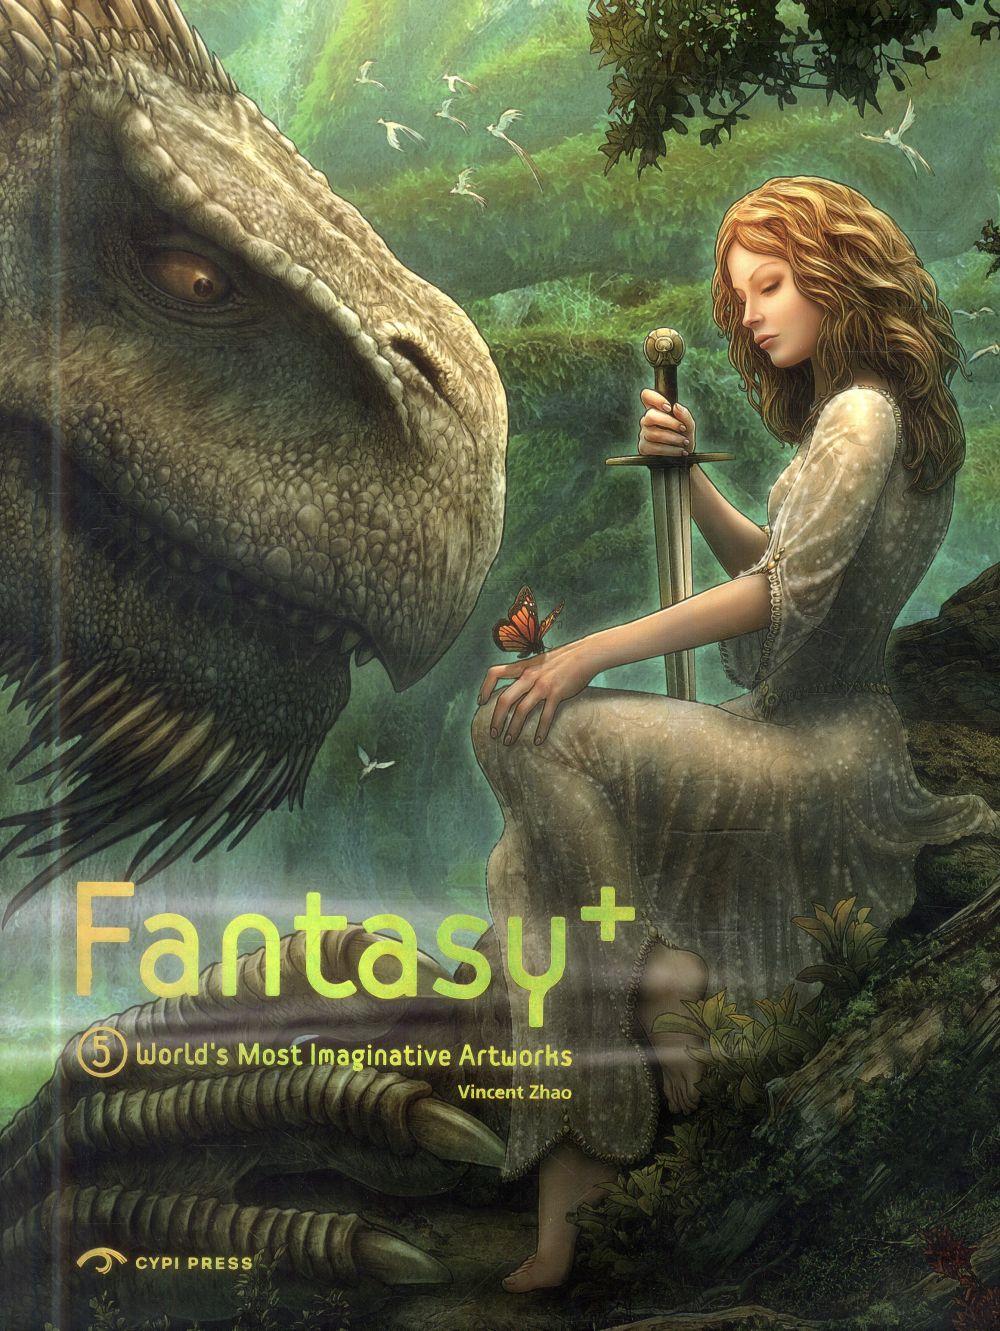 Fantasy T 5 World S Most Imaginative Artworks Vincent